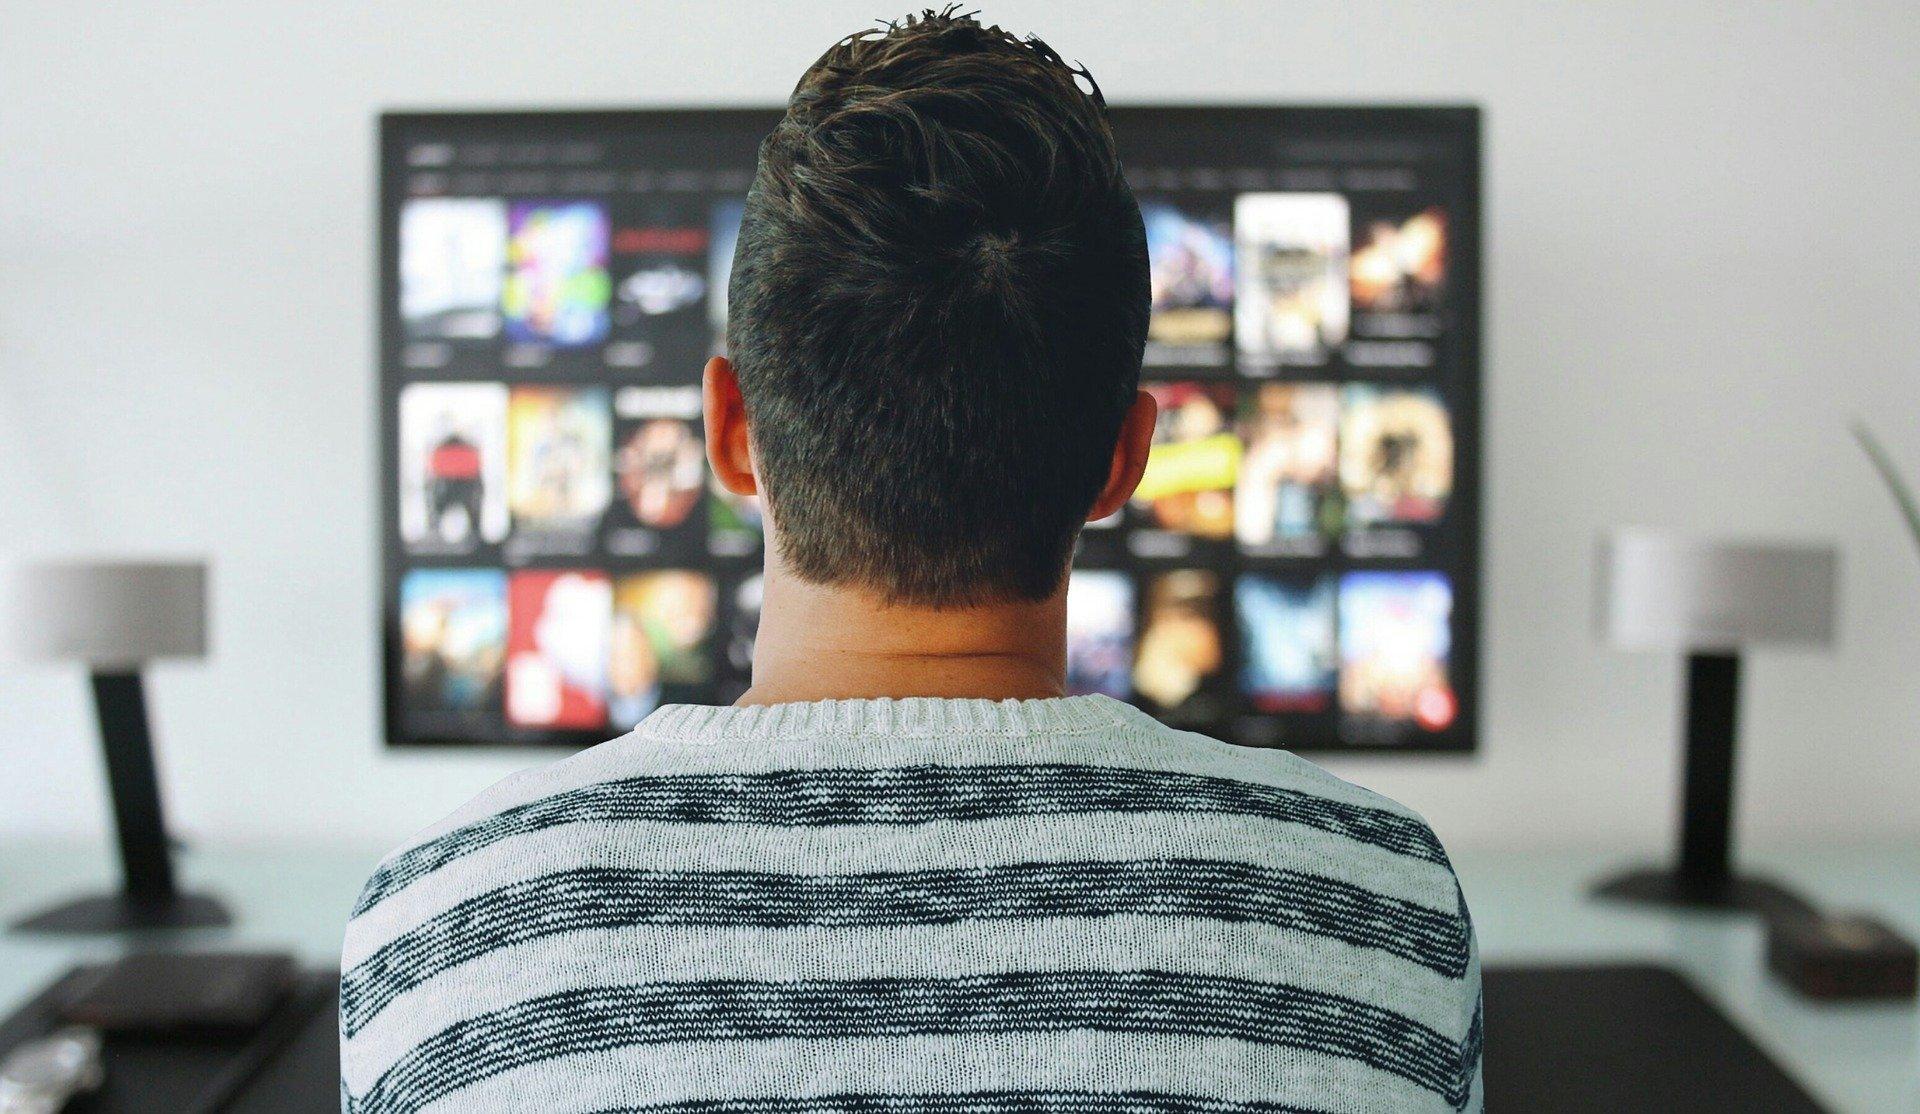 Какие сериалы лучше всего смотрели насамоизоляции? 5 популярных